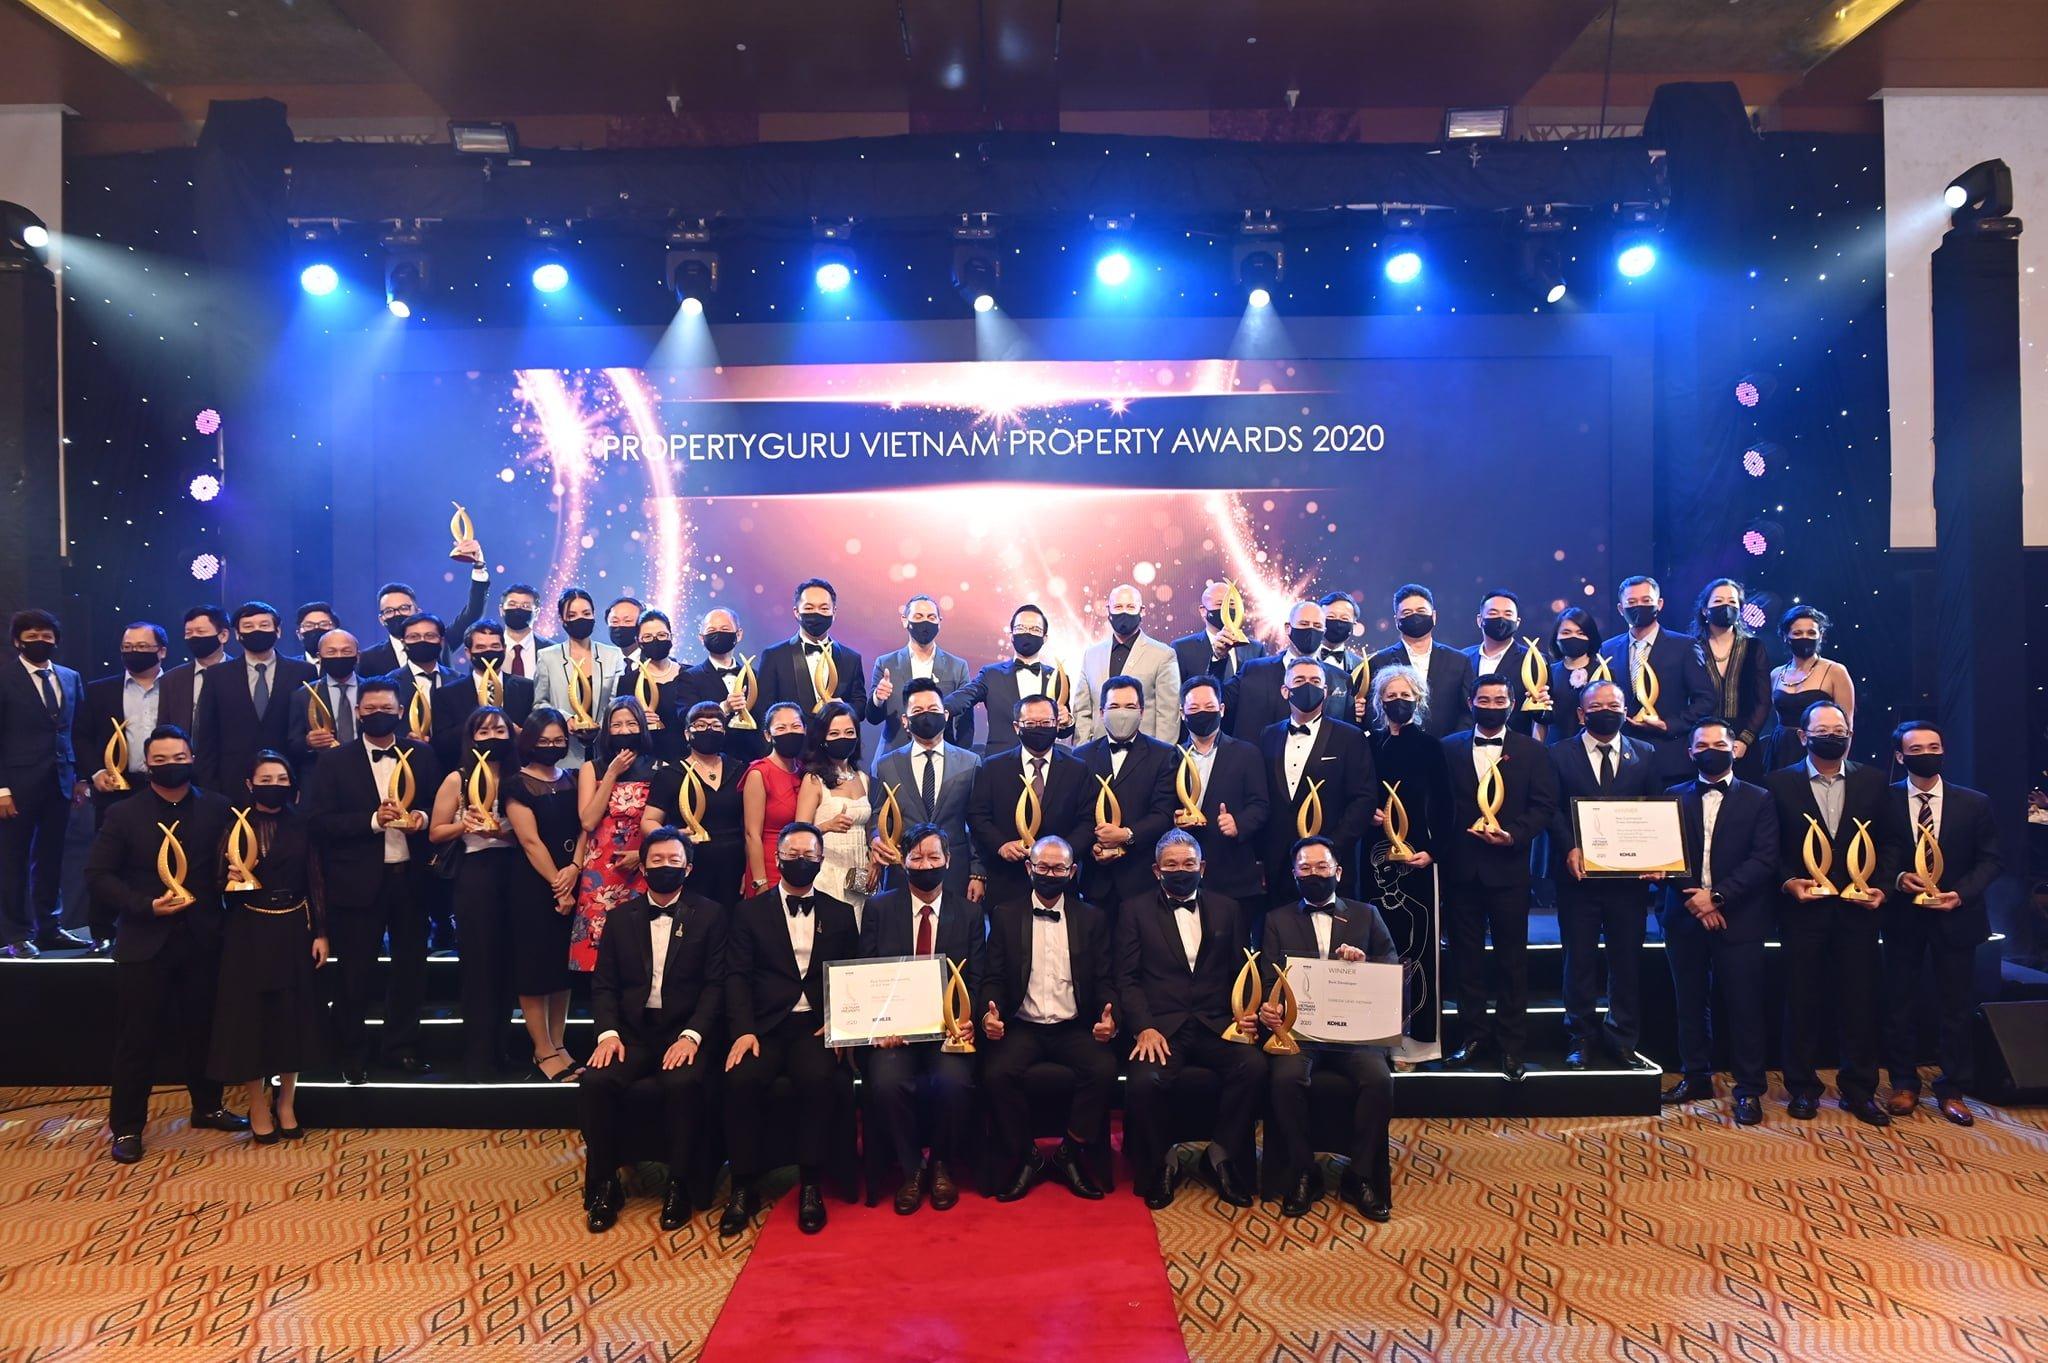 Giải thưởng BĐS Việt Nam PropertyGuru 2020 tôn vinh các nhà phát triển nổi bật nhất